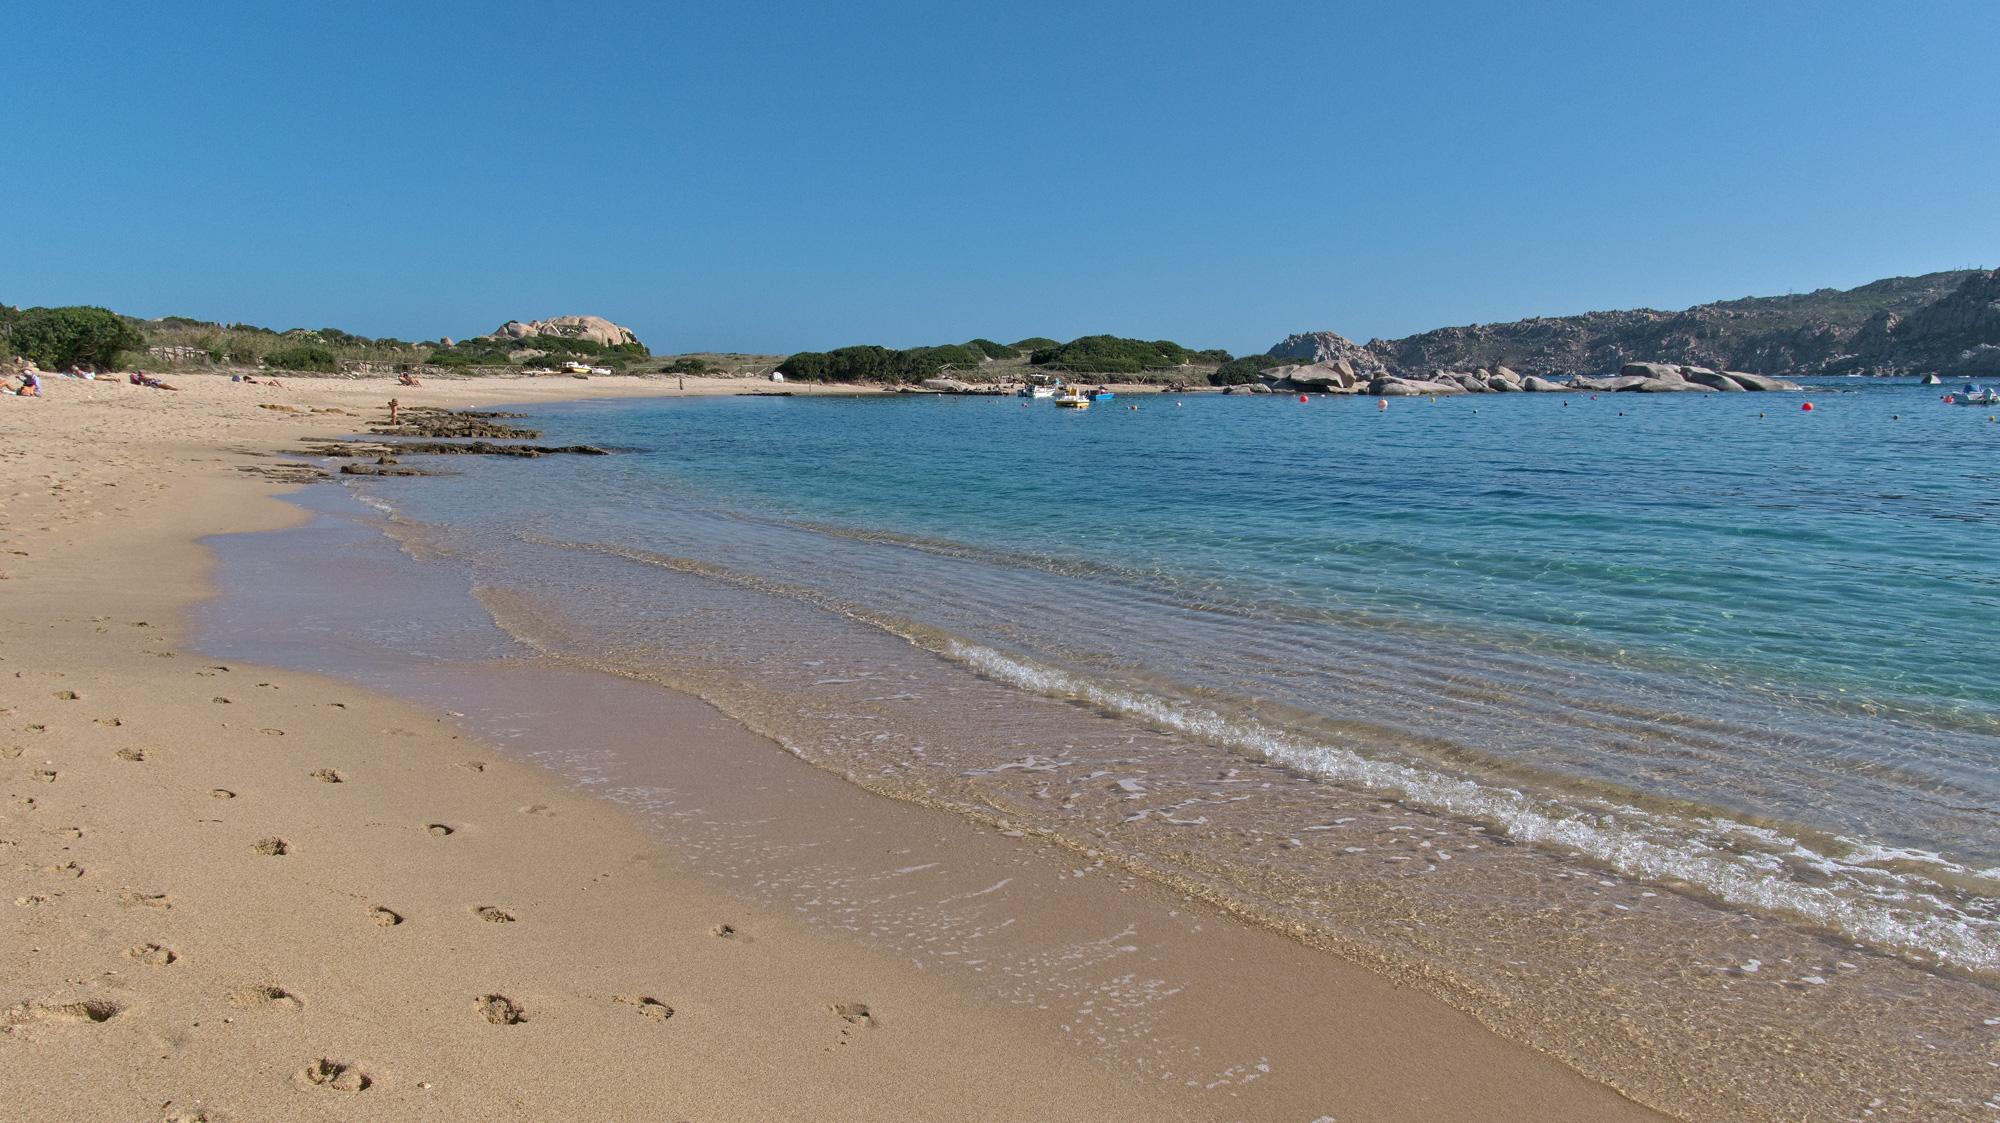 Spiaggia Zia Culumba - Schöner Sandstrand am Capo Testa